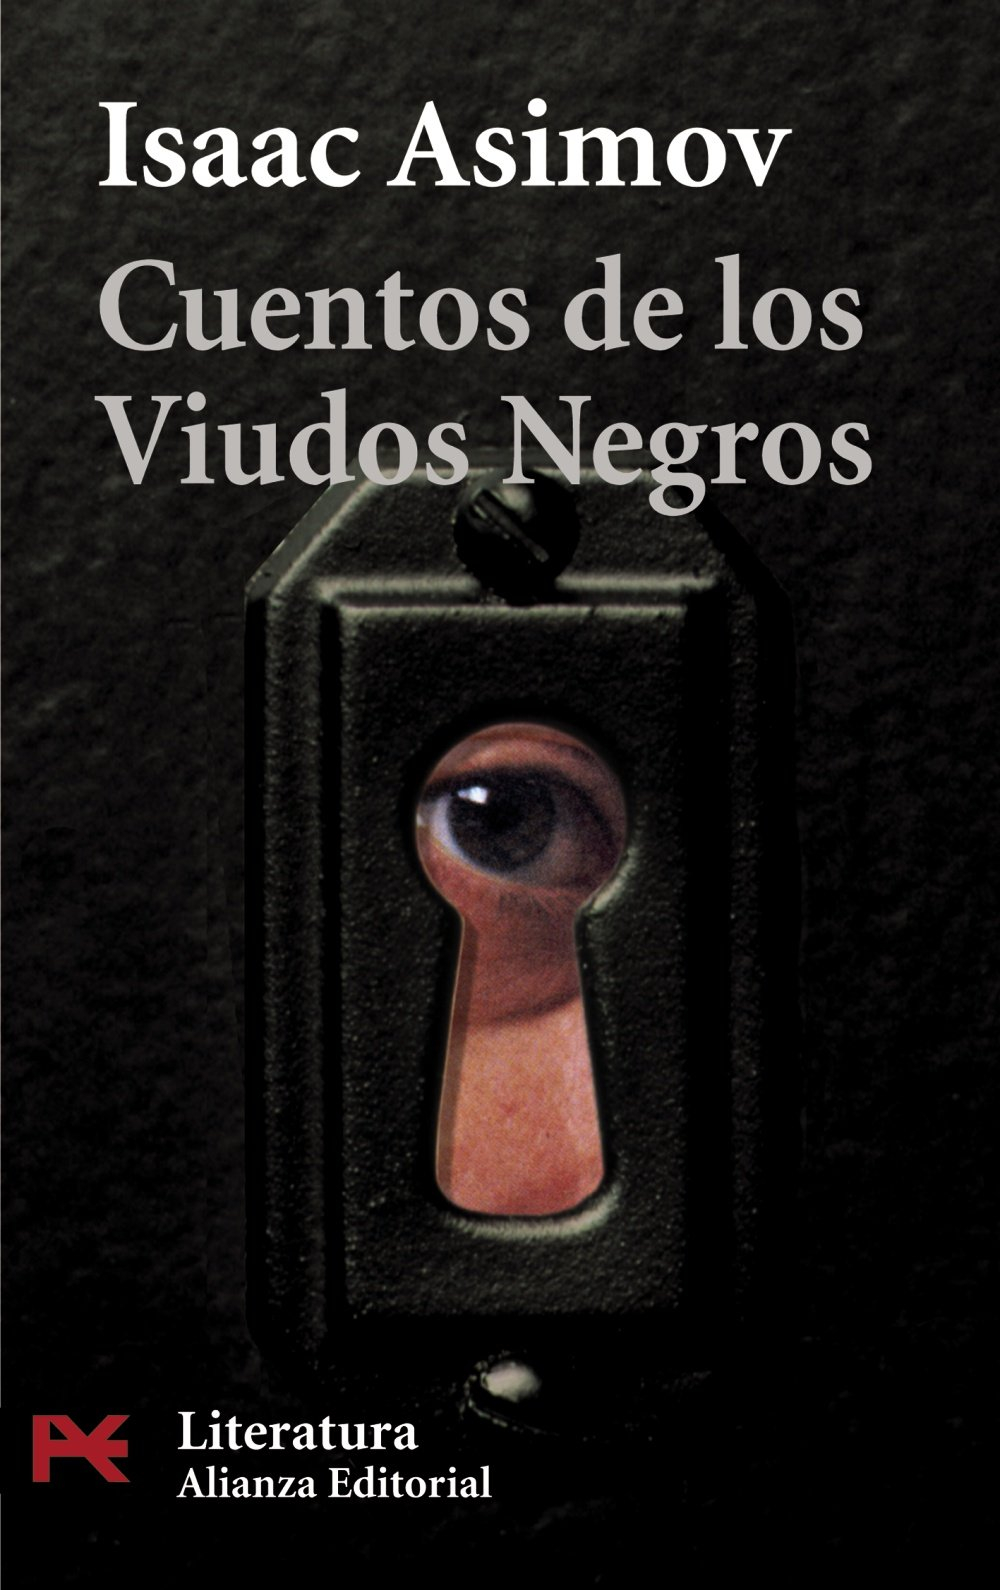 Cuentos de los Viudos Negros (El Libro De Bolsillo - Literatura) Tapa blanda – 26 may 2008 Isaac Asimov Pilar Agramunt Alianza 8420657654